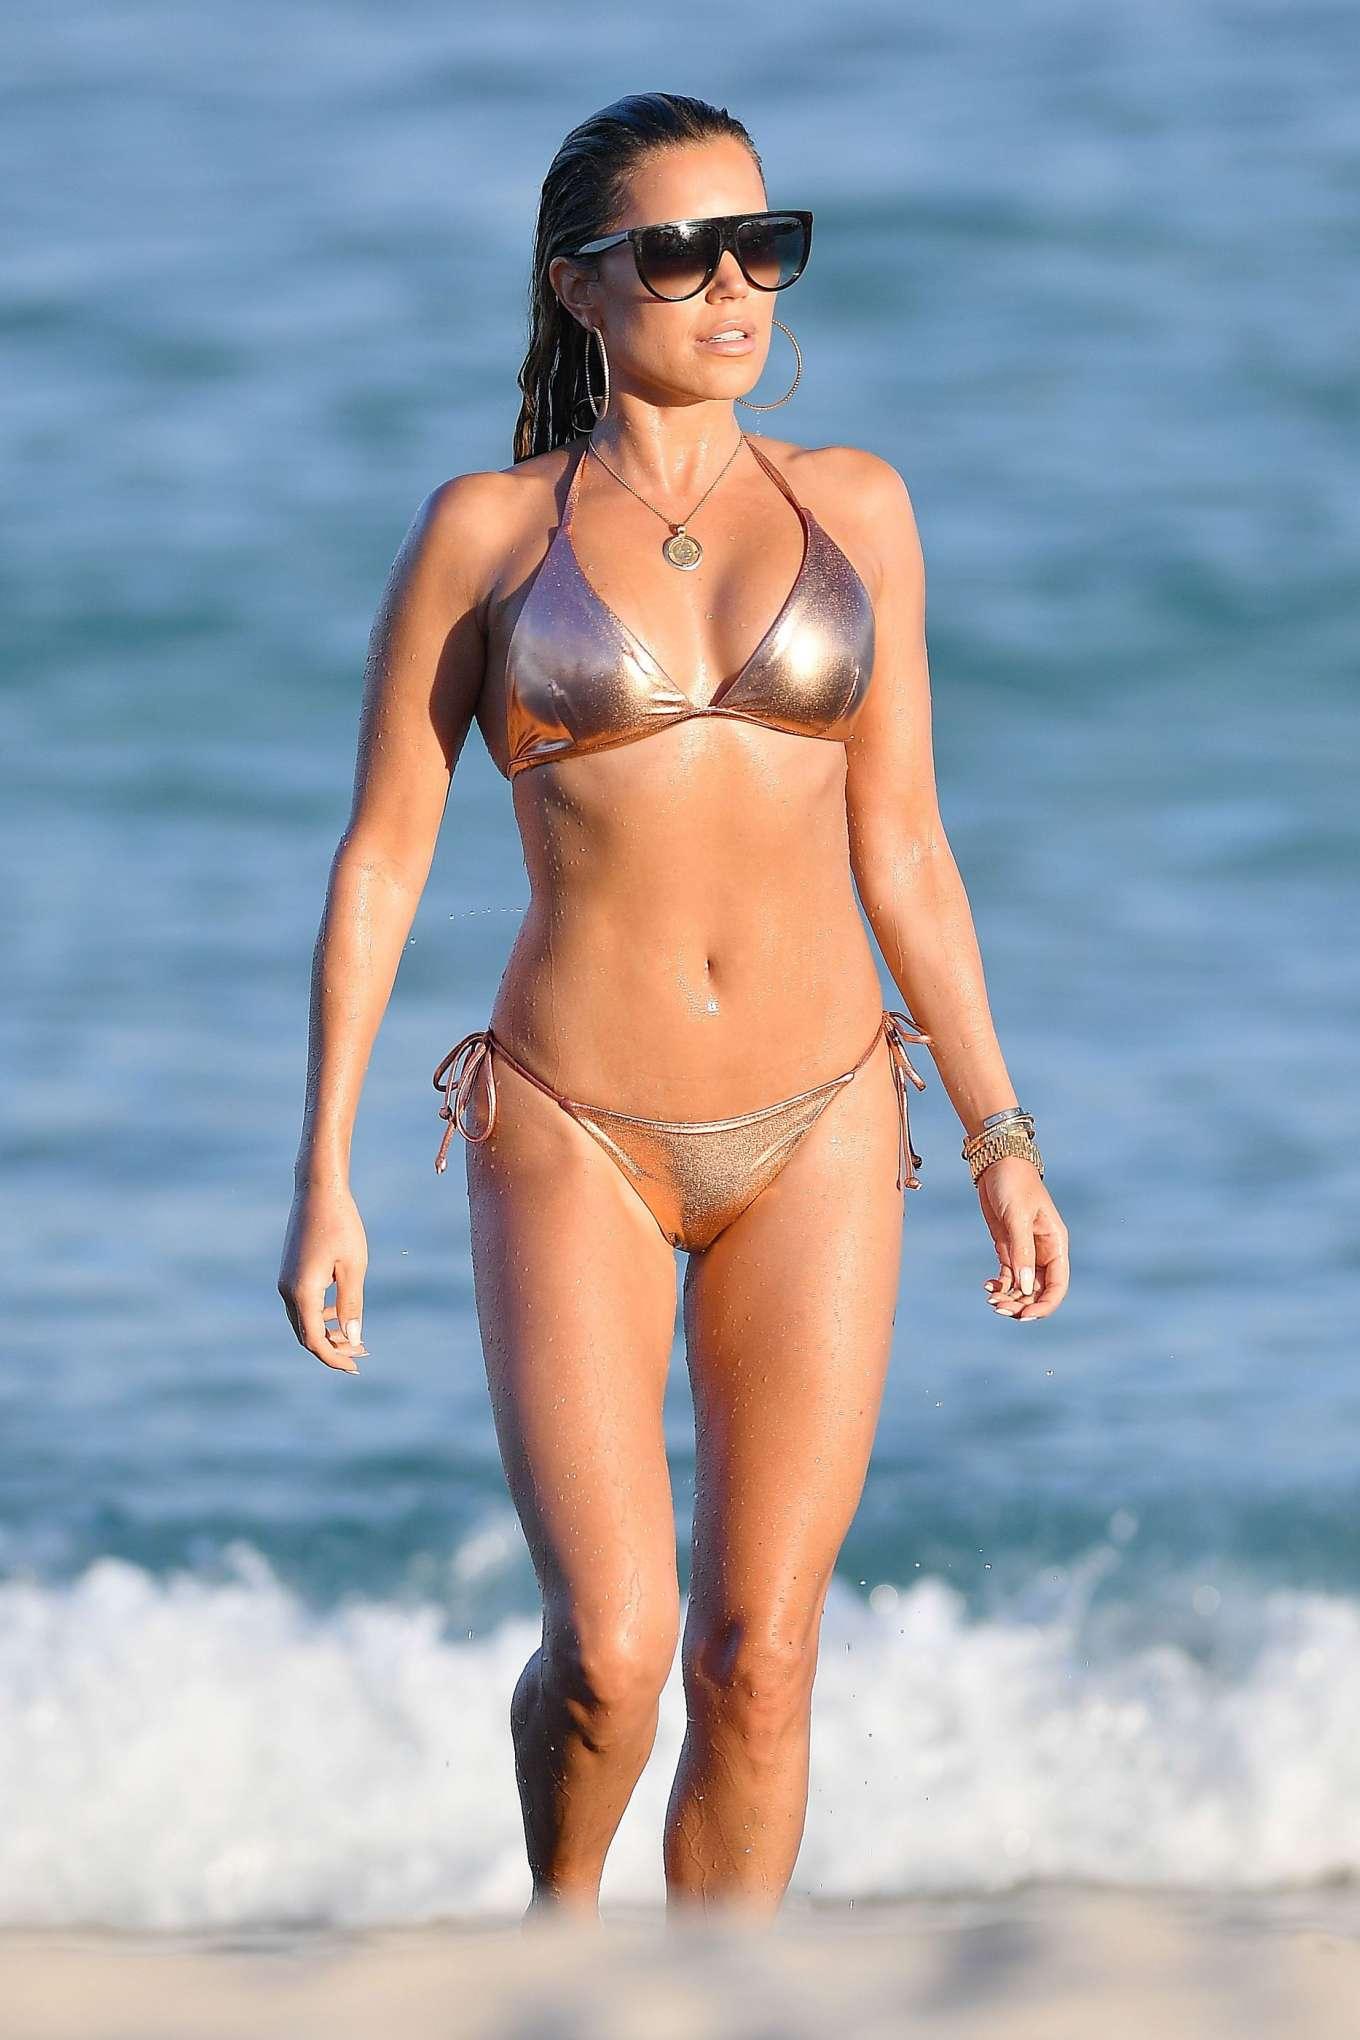 Sylvie Meis 2019 : Sylvie Meis – Wearing Bikinis at the beach in Miami Beach-07